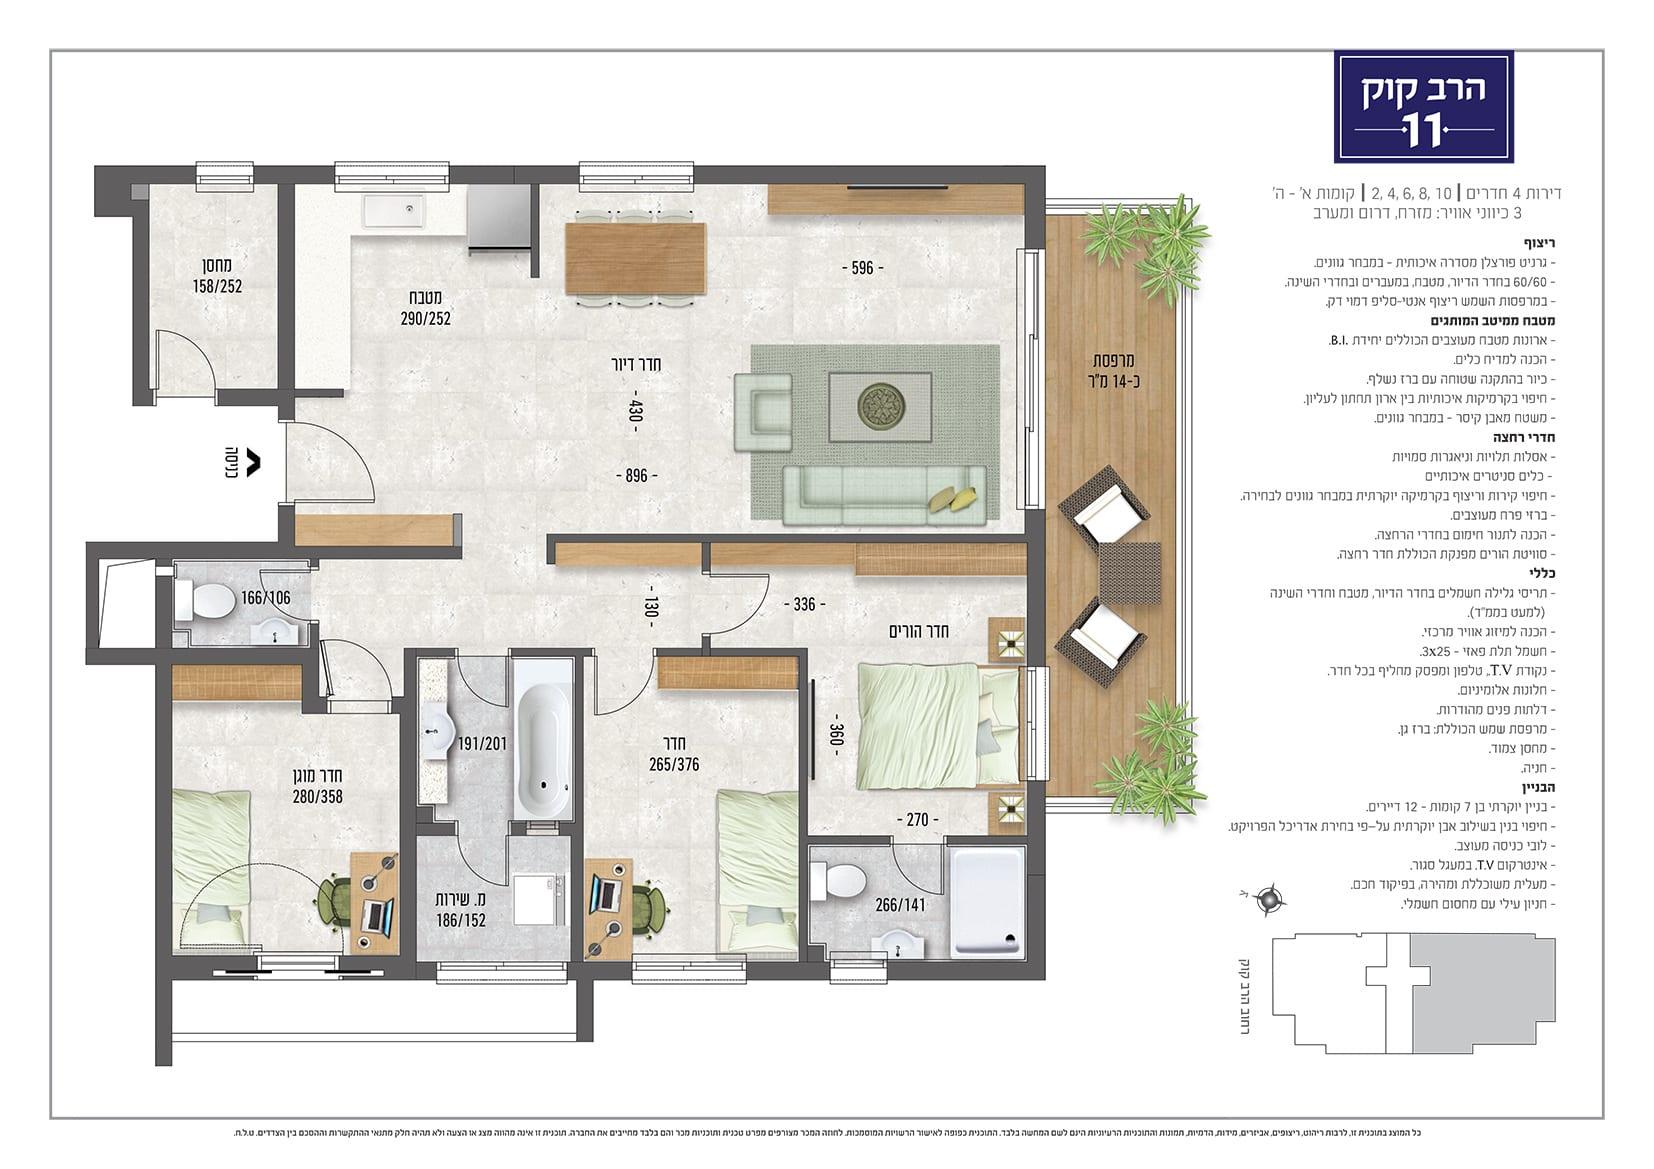 דירת 4 חדרים, קומות 1-5 - מספר 2,4,6,8,10